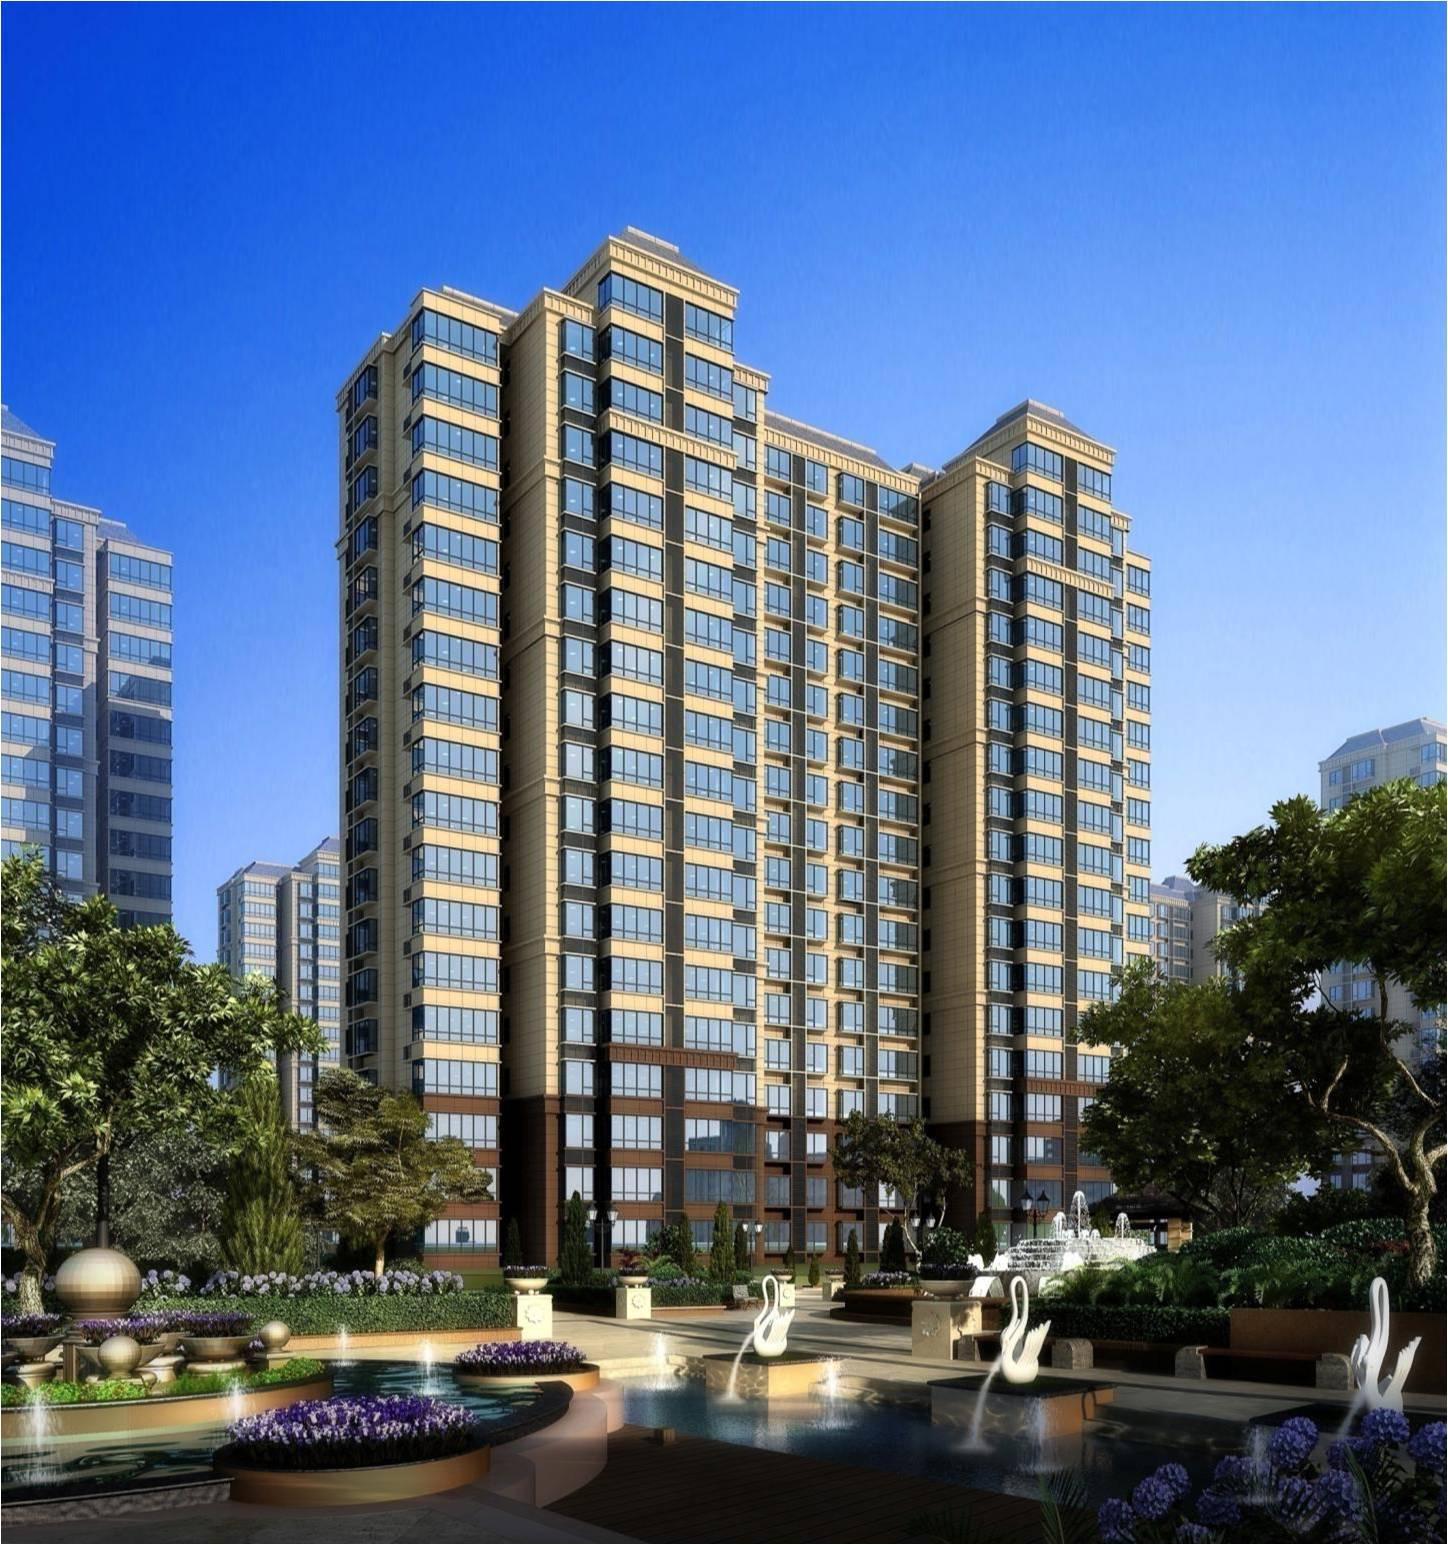 图 5 高层住宅效果图-医养结合型养老地产项目的成功典范